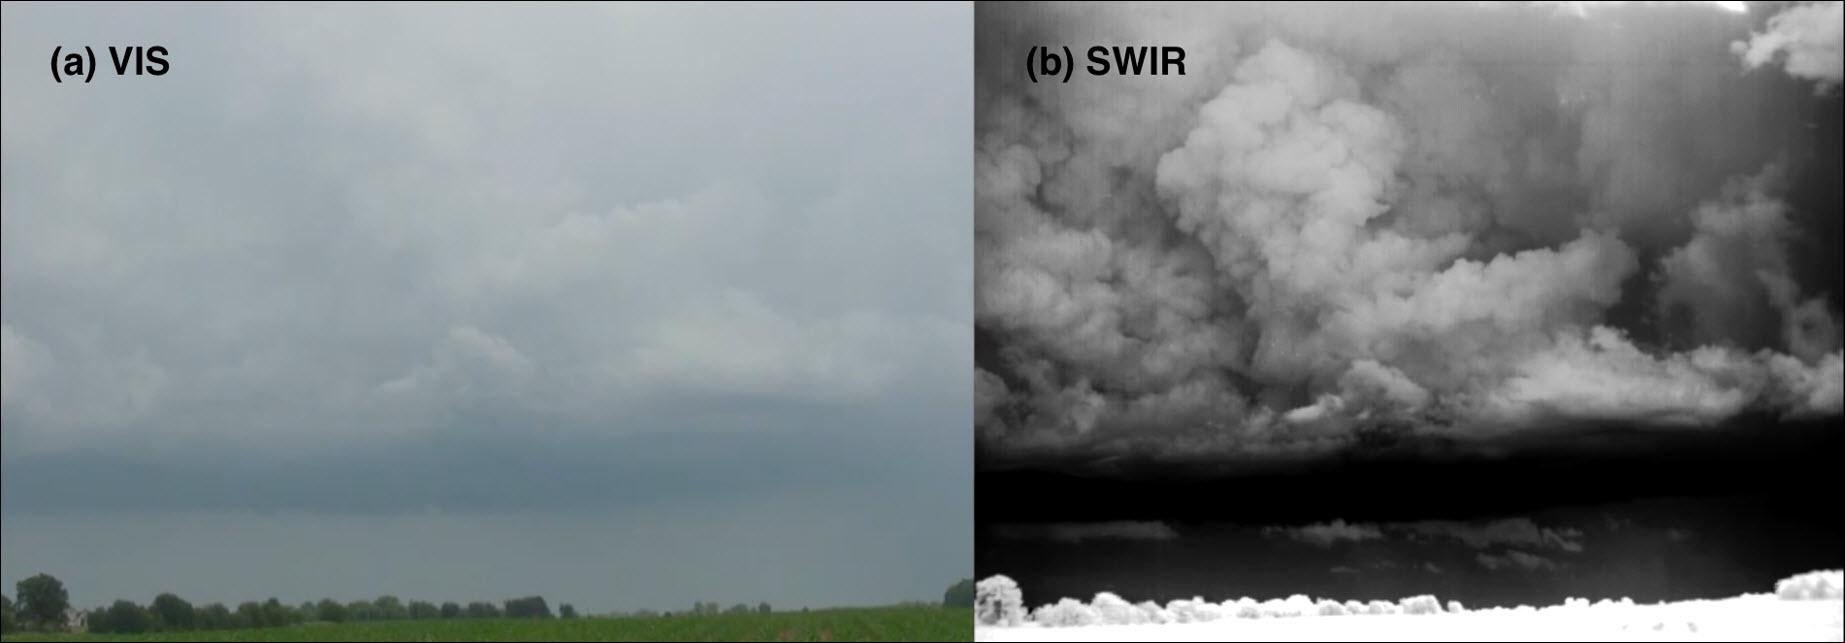 swir-vis-stormcomparison